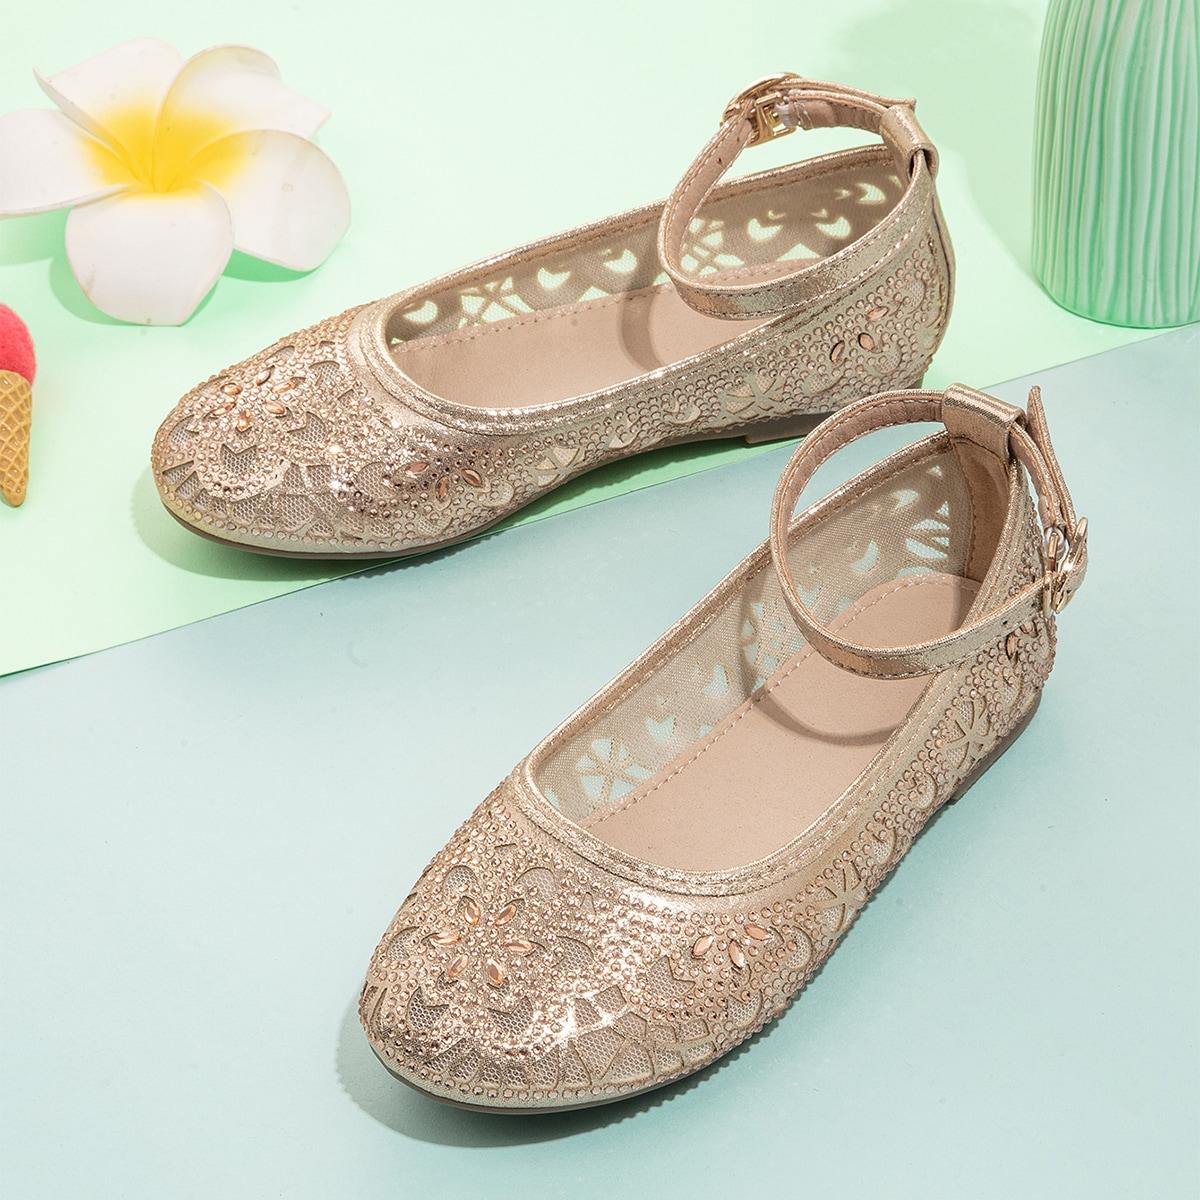 Сетчатые балетки со стразами для девочек SheIn skshoes25210524648